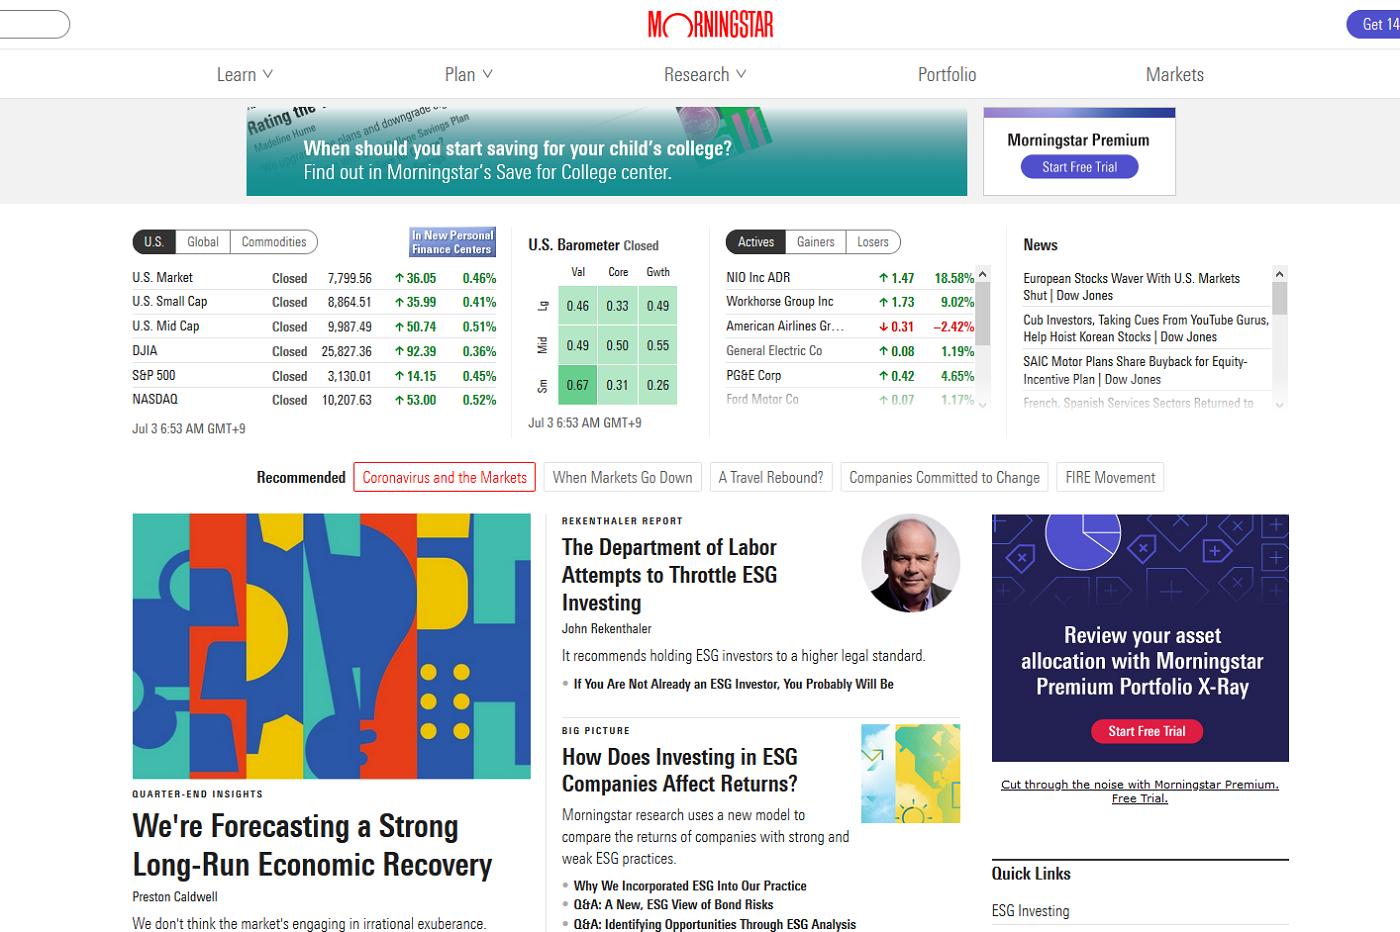 モーニングスターを使って米国株の銘柄情報を見る方法【詳細】